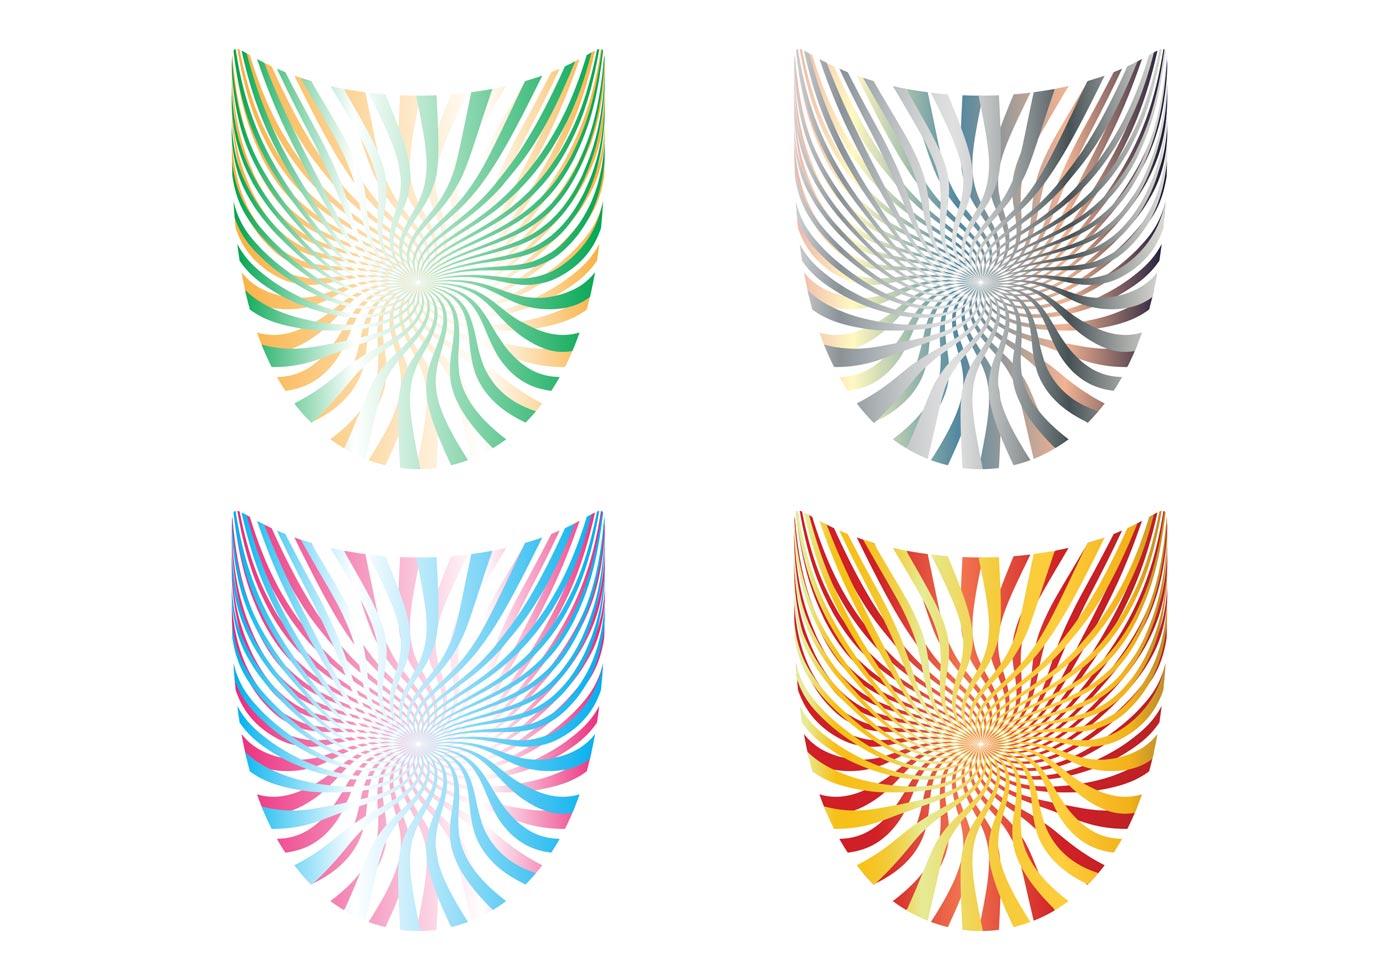 Op Art Graphics - Download Free Vector Art, Stock Graphics ...